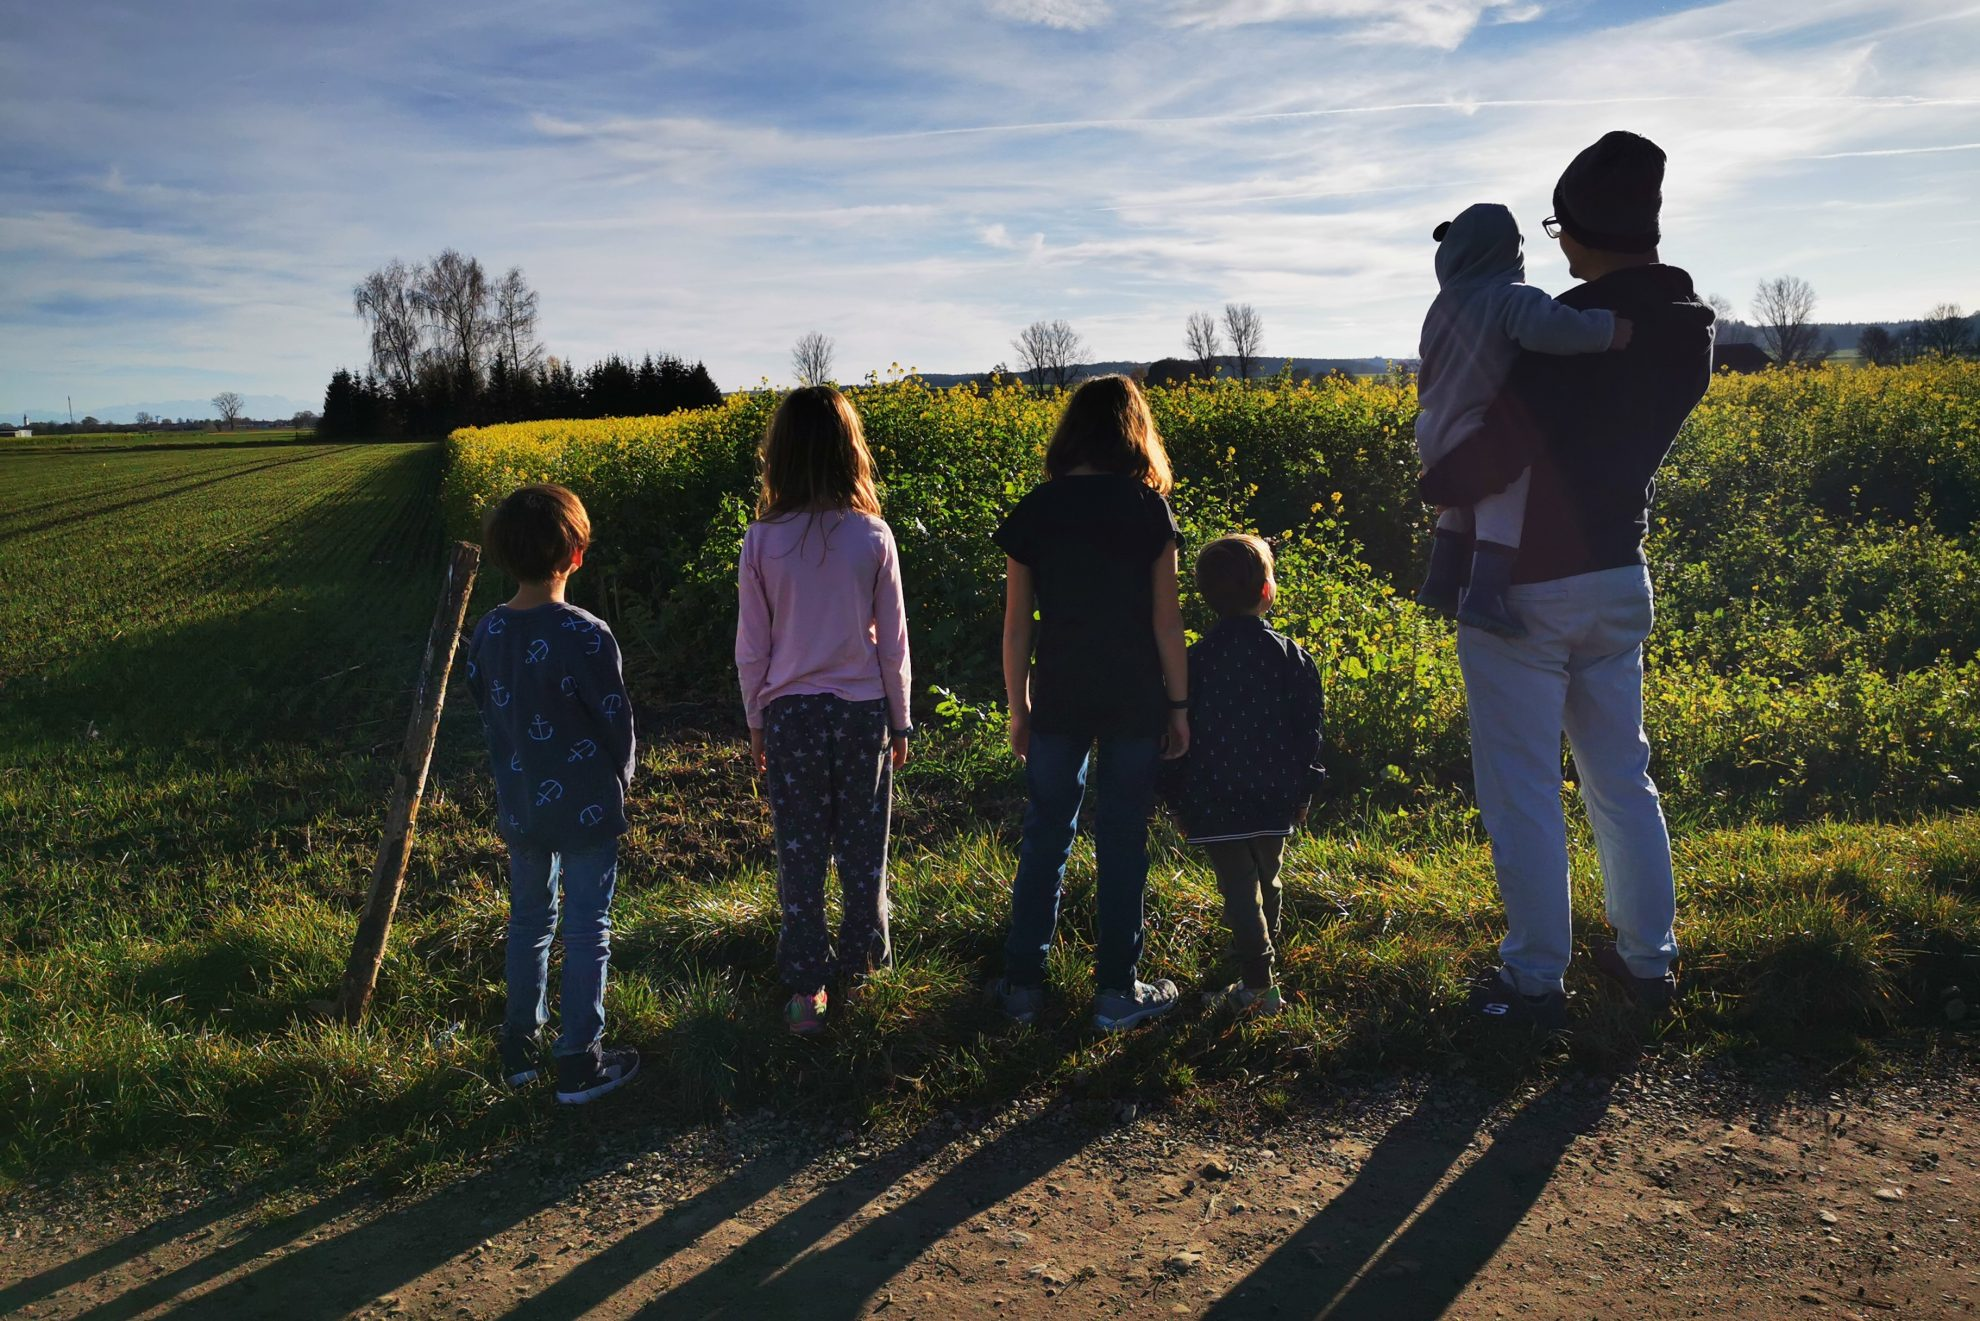 Ob jemand nur Mama ist, arbeiten geht oder nebenbei Einhörner züchtet - es geht dich nichts an. Für mehr Solidarität statt Eltern-Bashing.